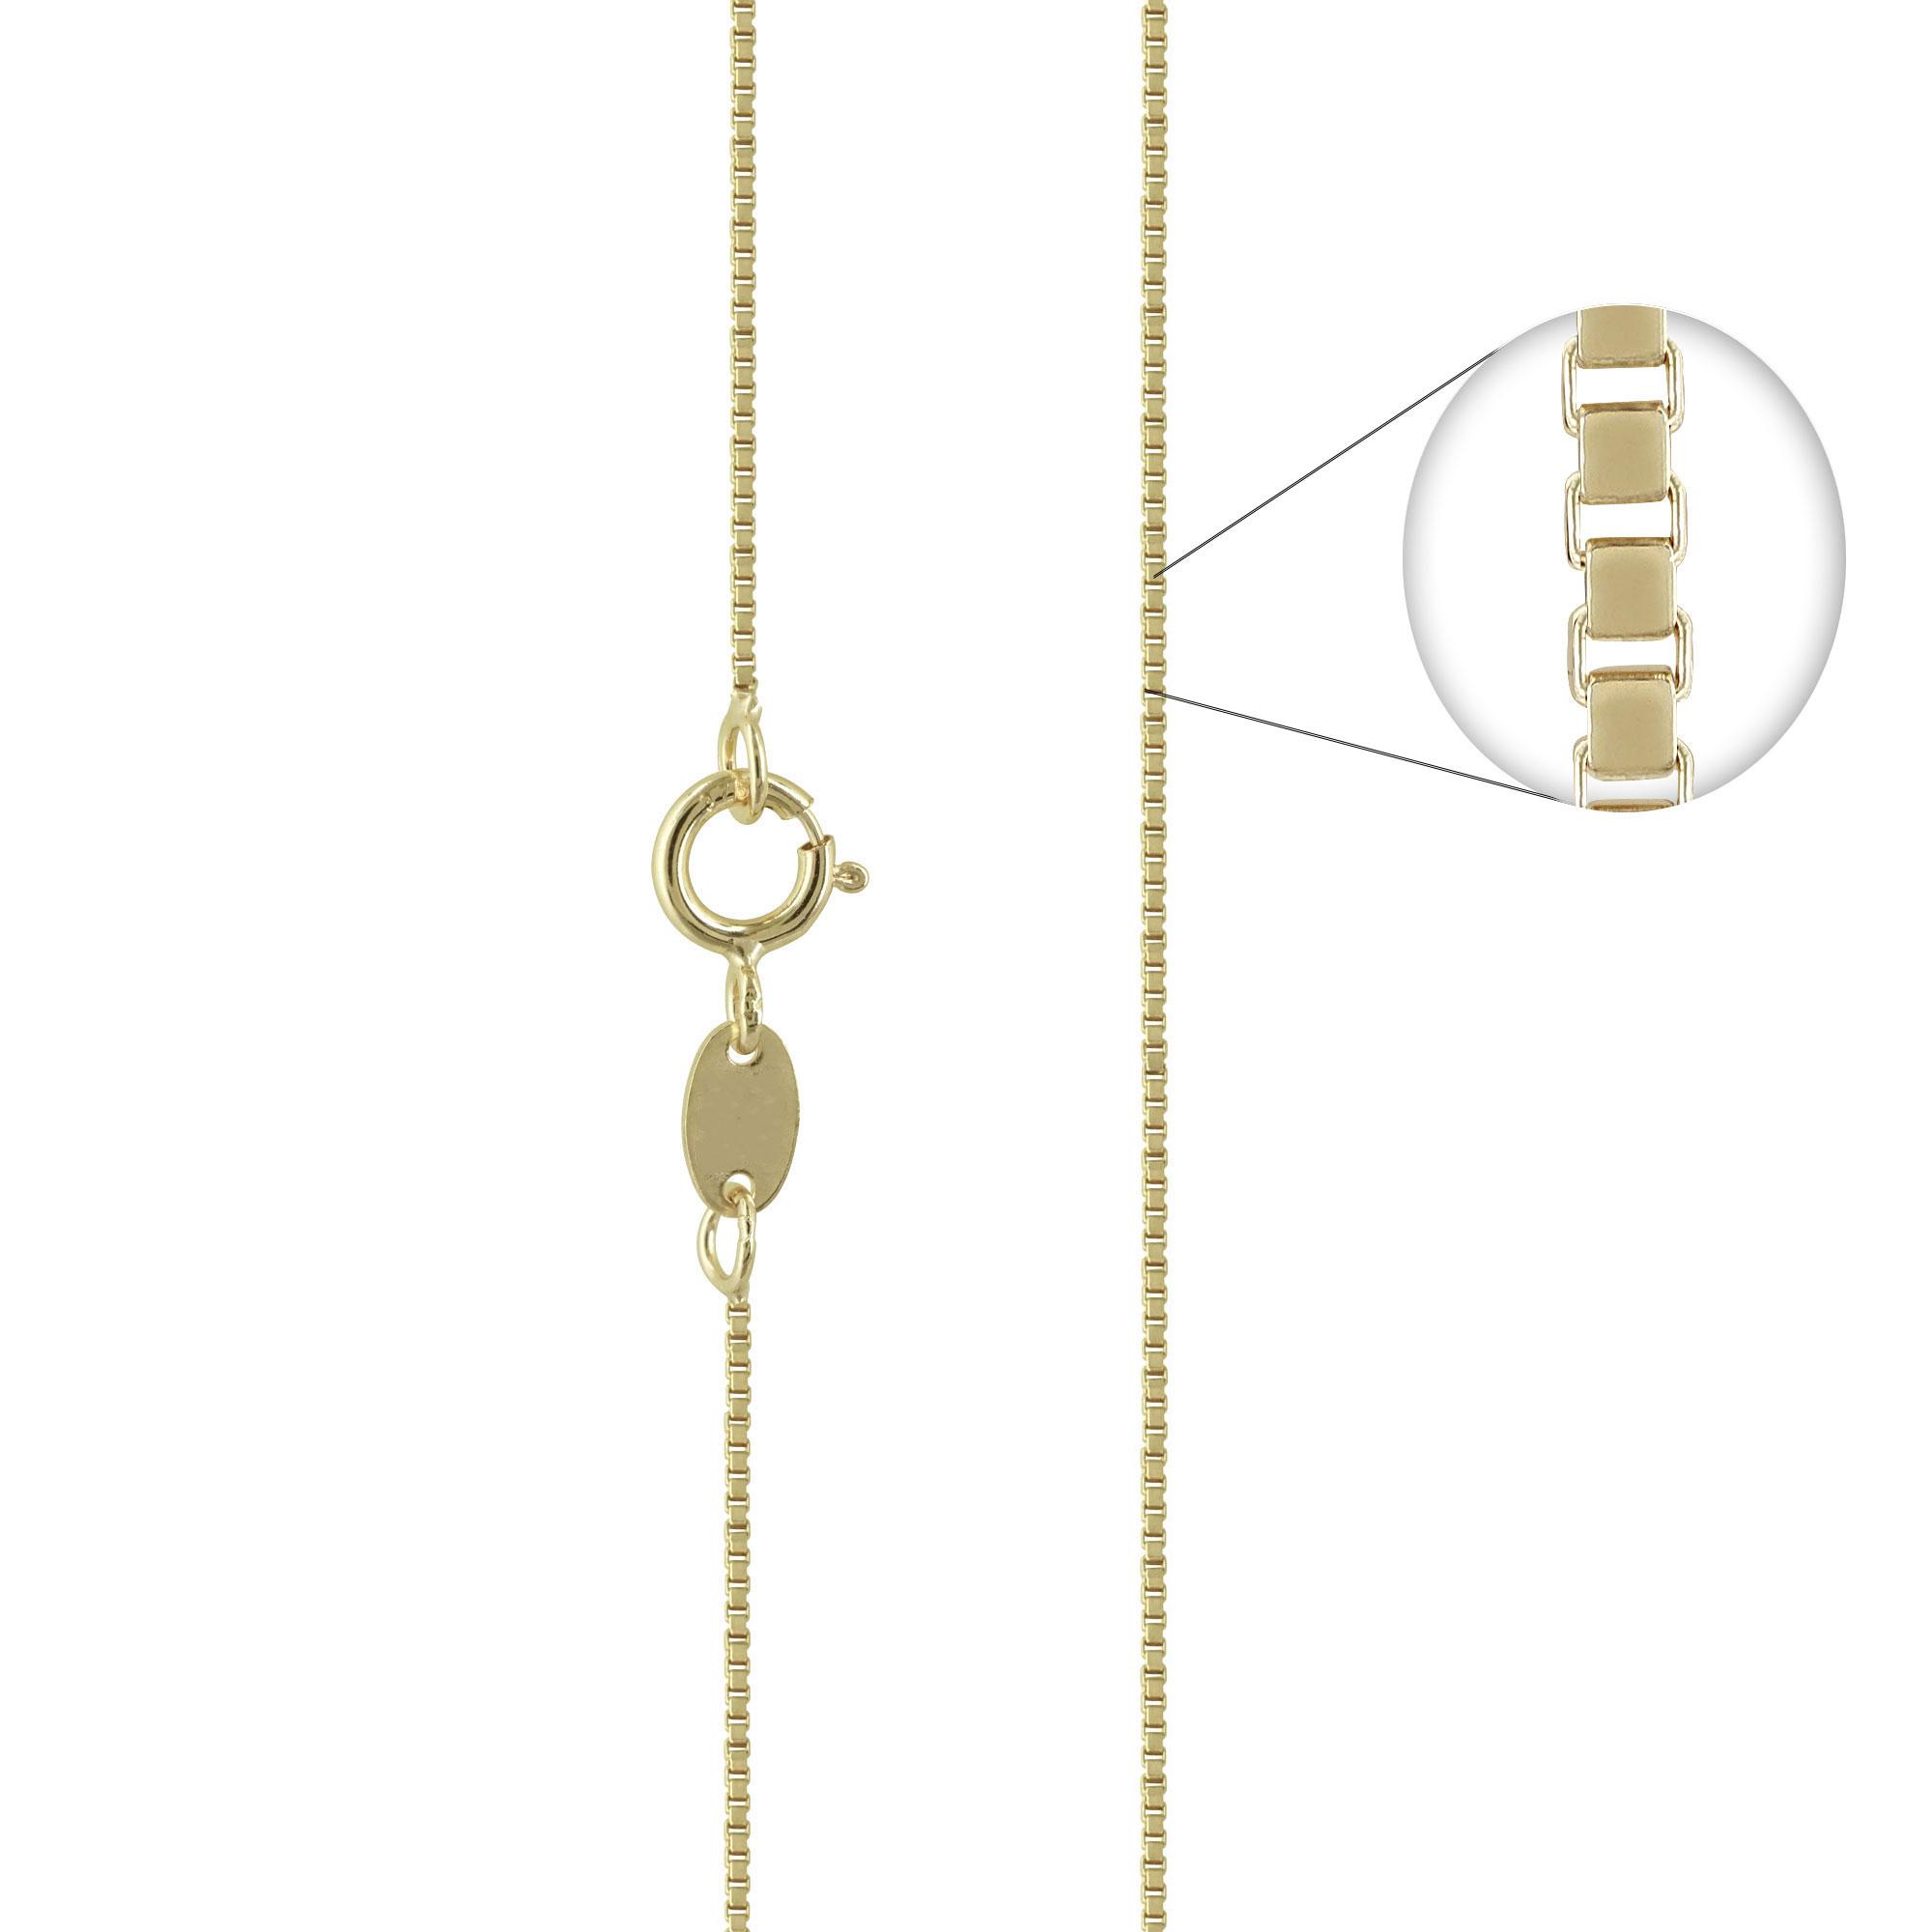 Κίτρινη Χρυσή Αλυσίδα Βενετσιάνα #1 AL103 k14 40cm